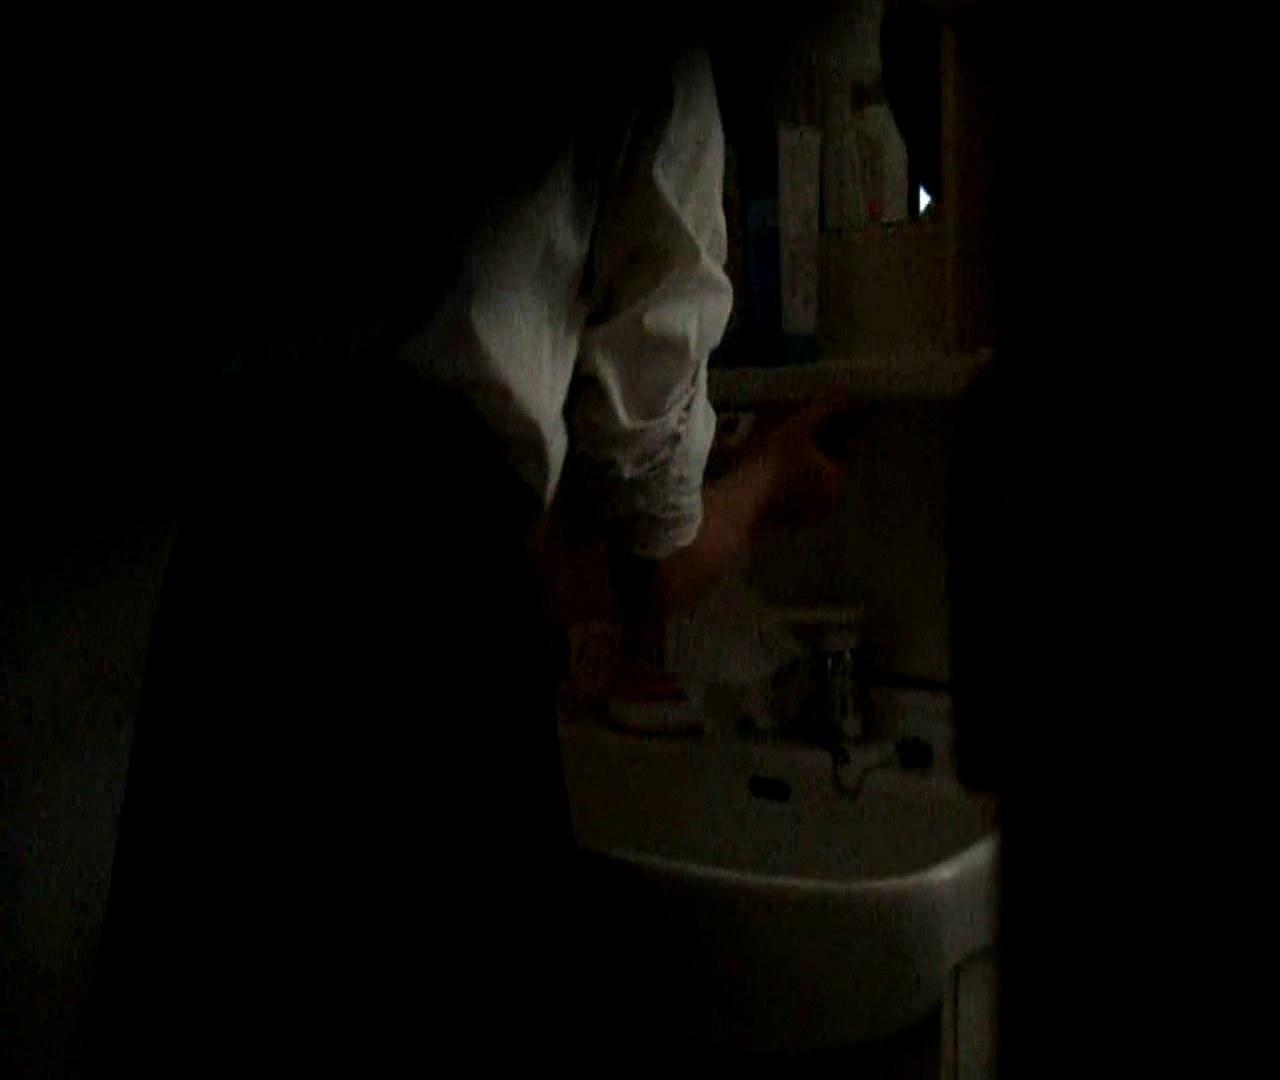 二人とも育てた甲斐がありました… vol.05 まどかが洗顔後にブラを洗濯 盗撮シリーズ  79PIX 30